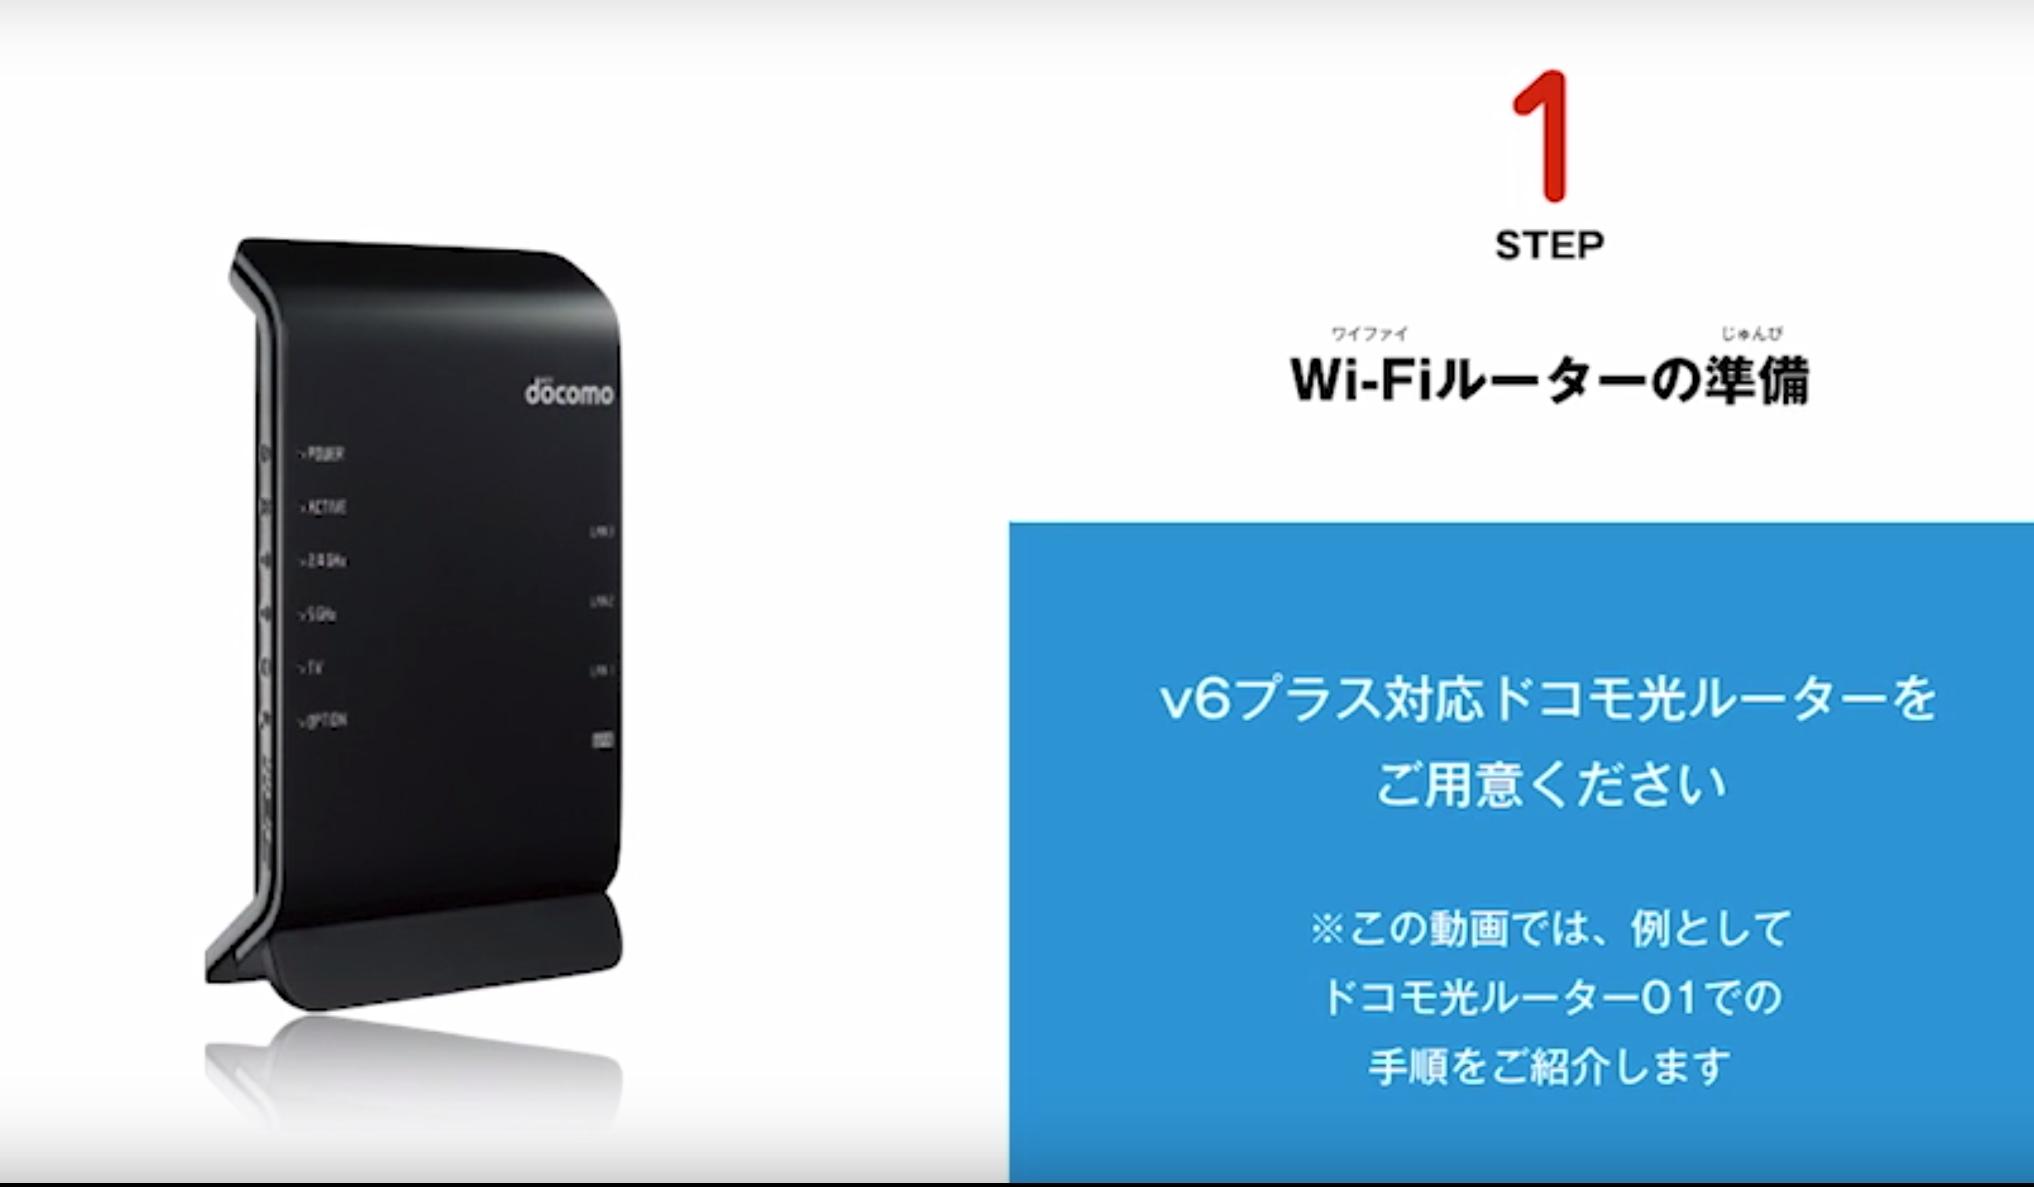 ドコモ光 wi-fi 繋がらない